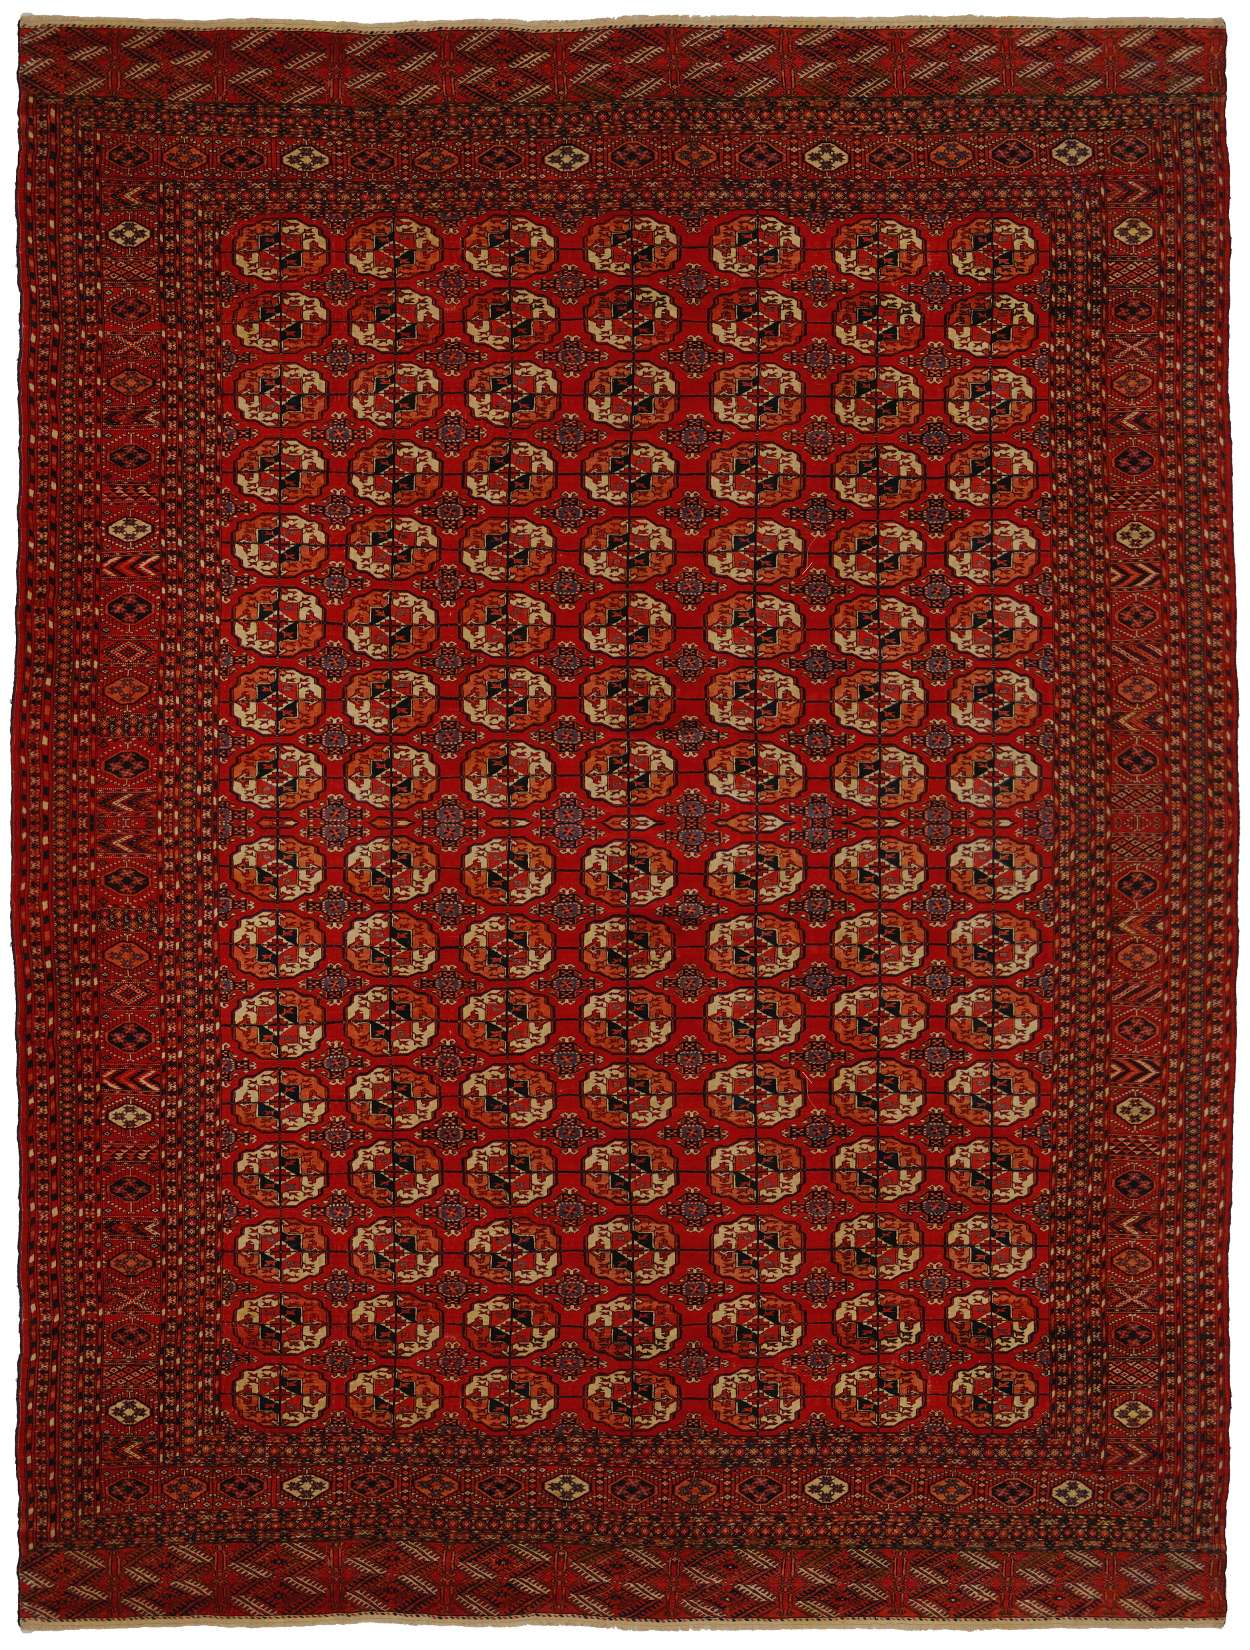 tappeto turcomanno antico